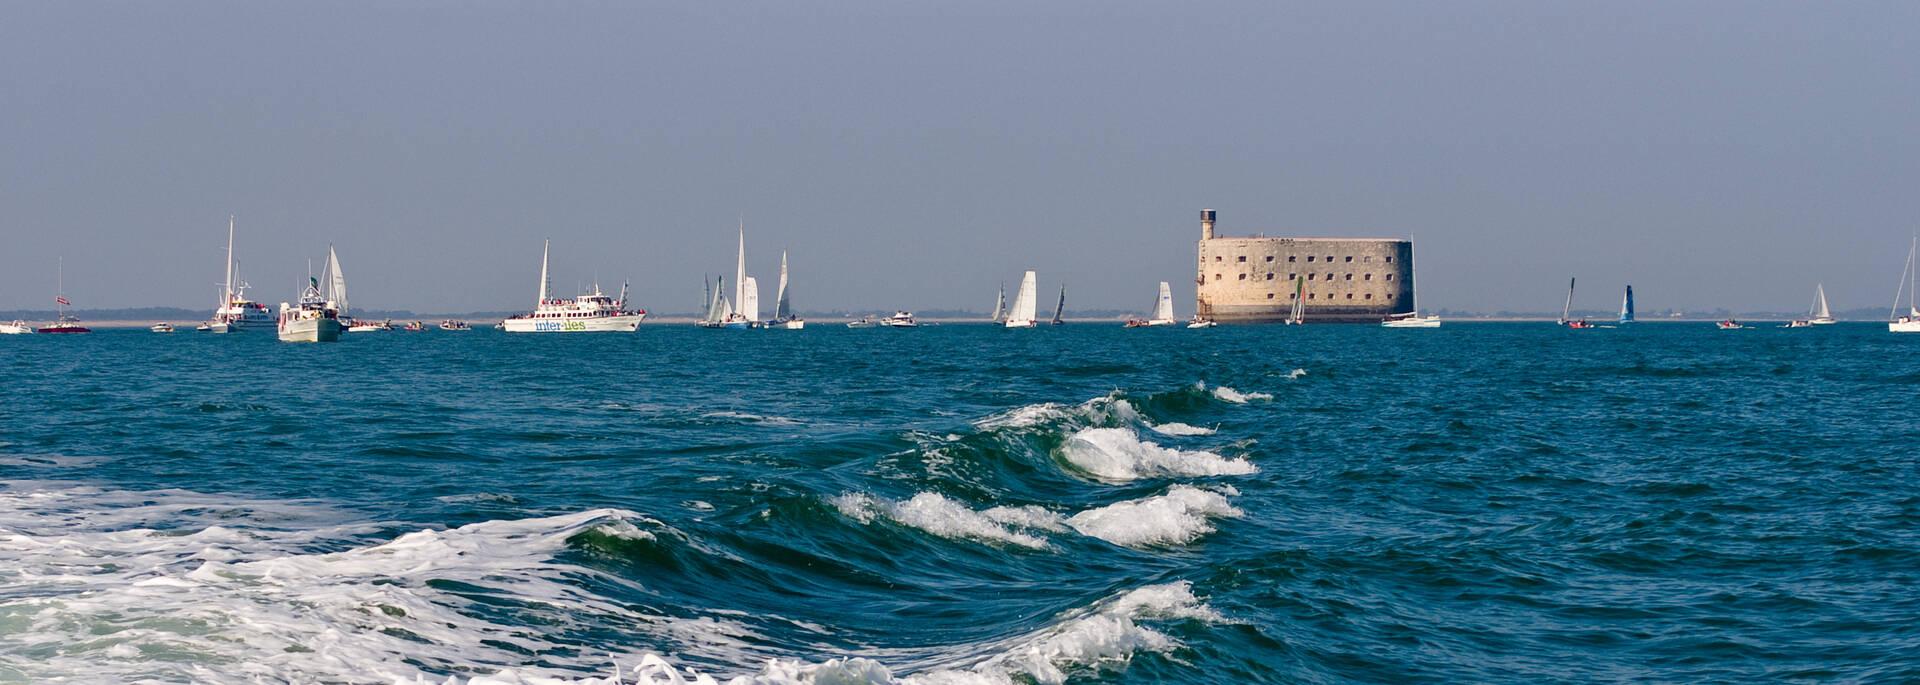 Bateaux de croisière qui contournent le Fort Boyard - © Pascal Robin